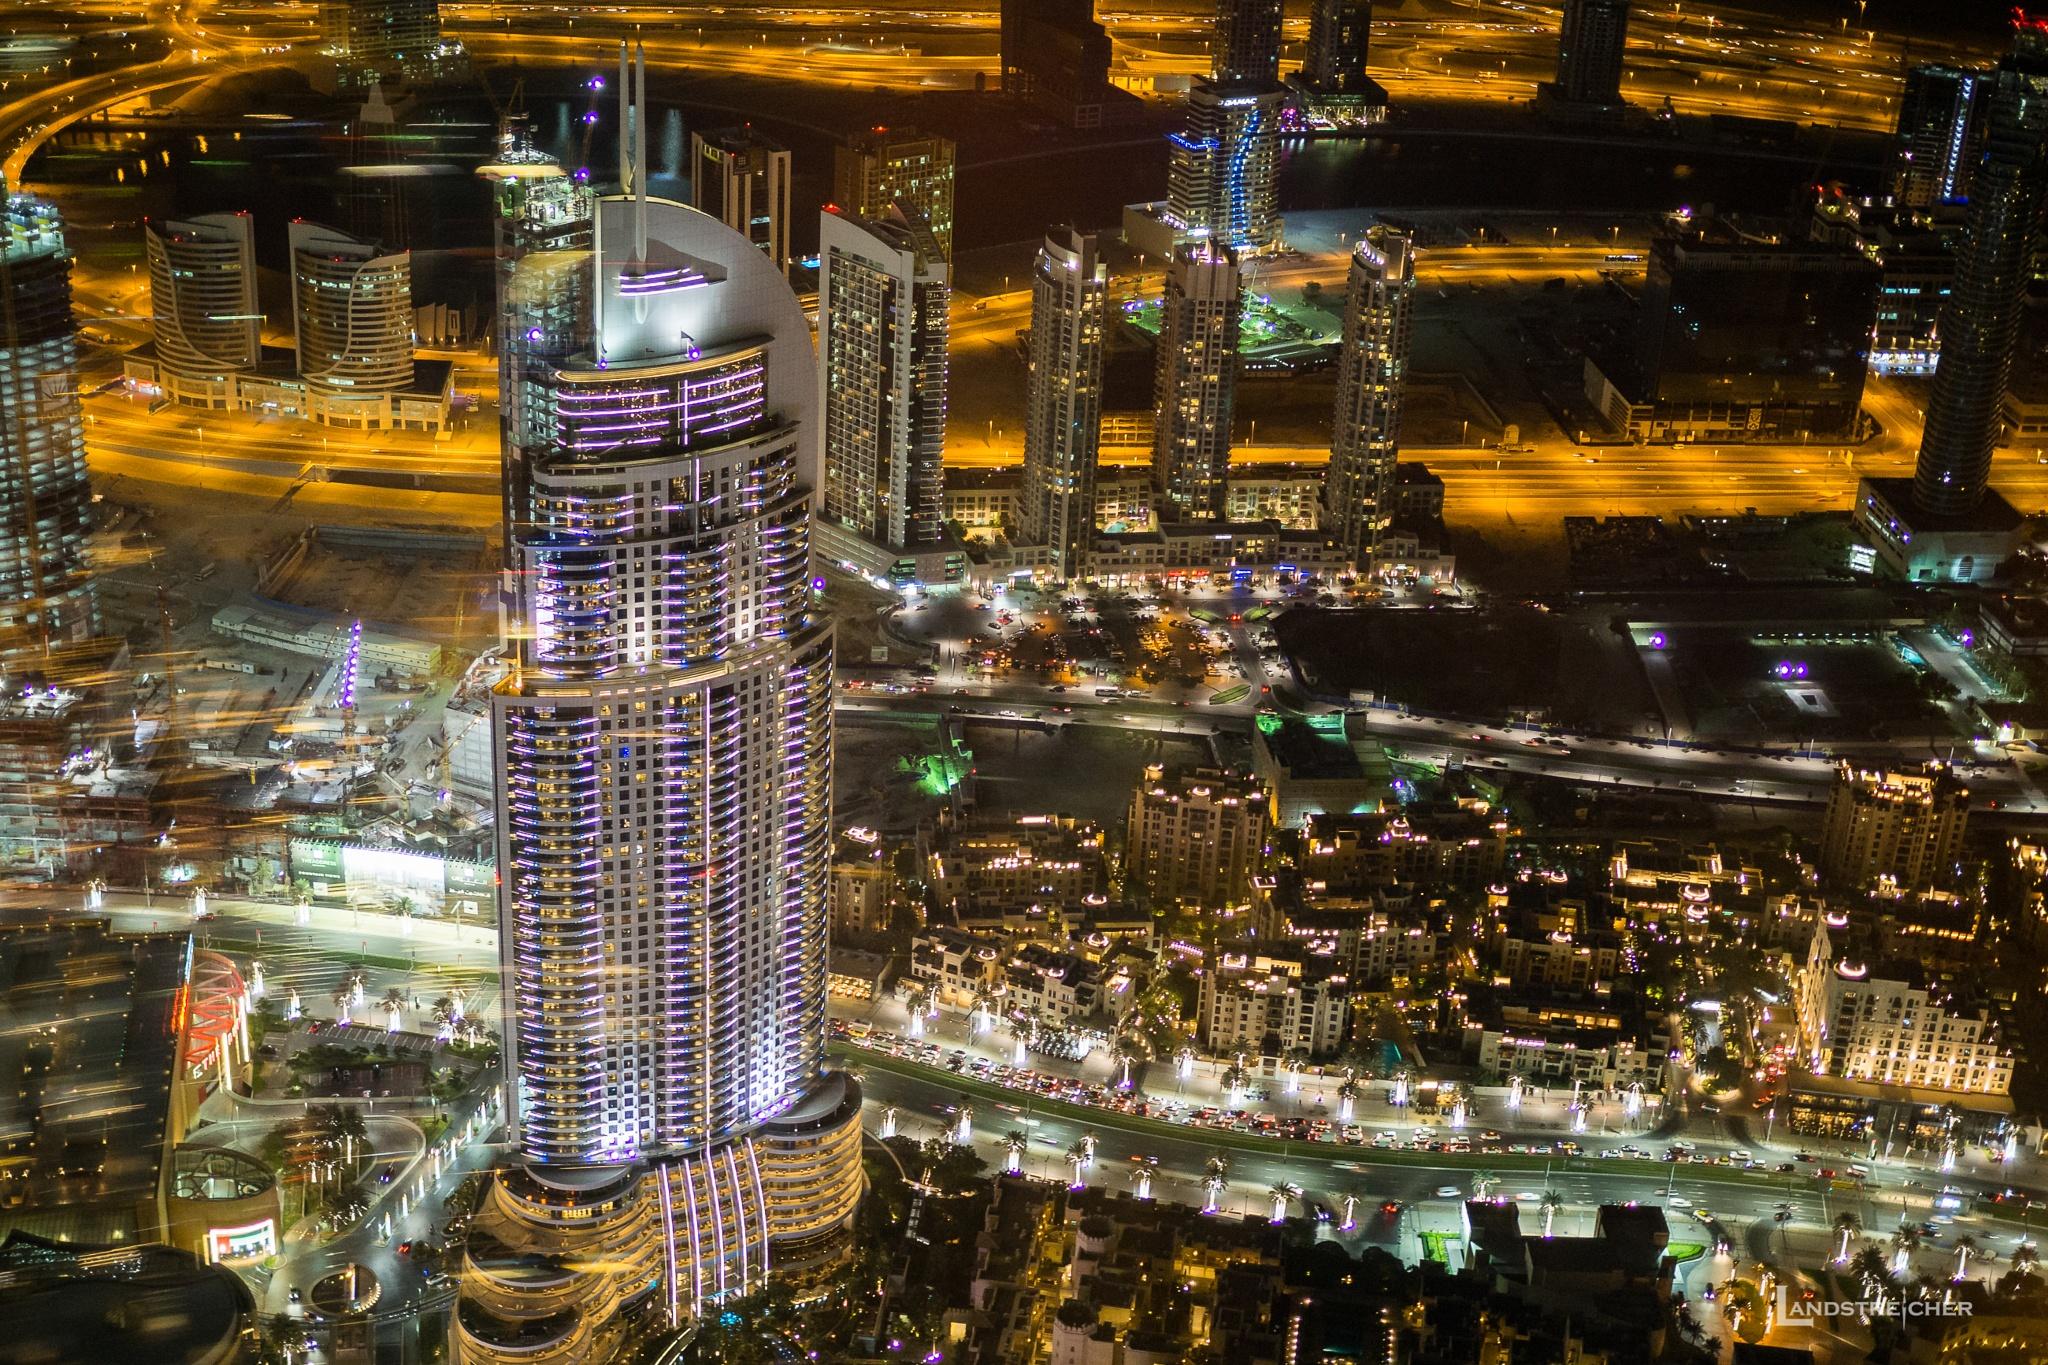 View from 124th floor of Burj Khalifa by Landstreicher